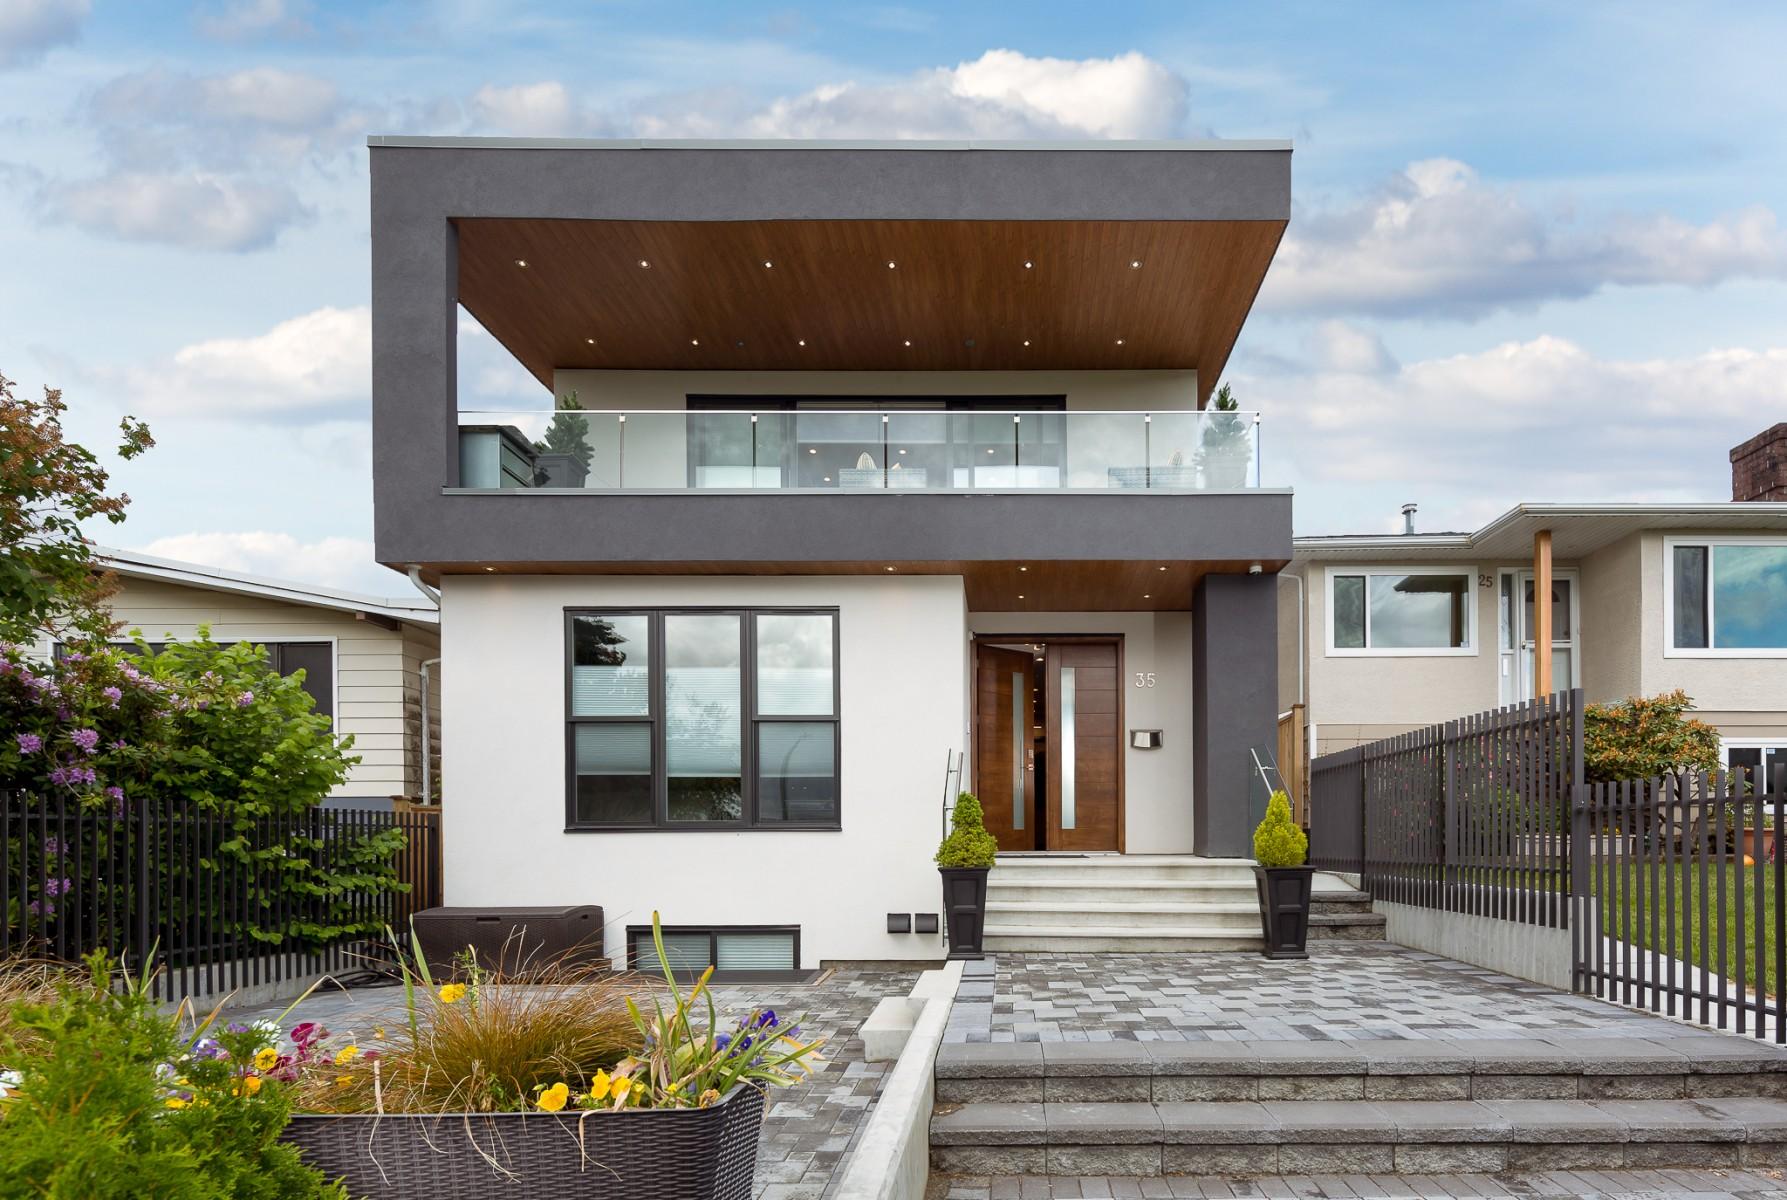 ایده ی جالب برای معماری مدرن